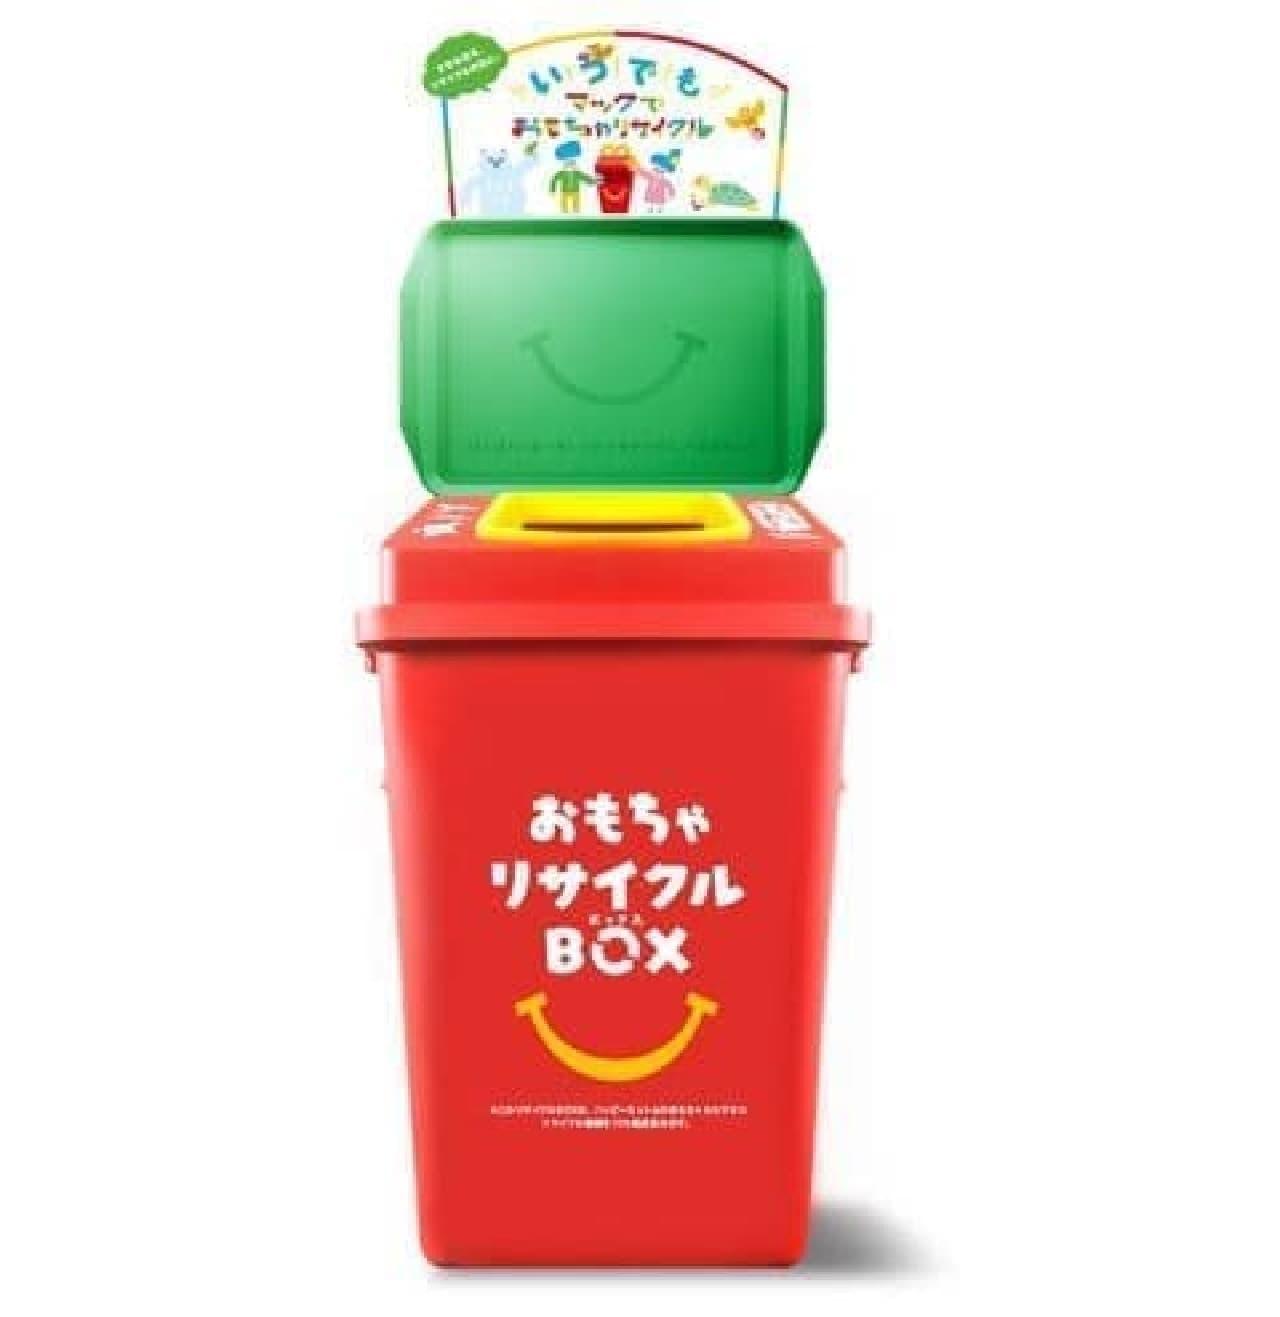 マクドナルドのおもちゃの回収ボックス